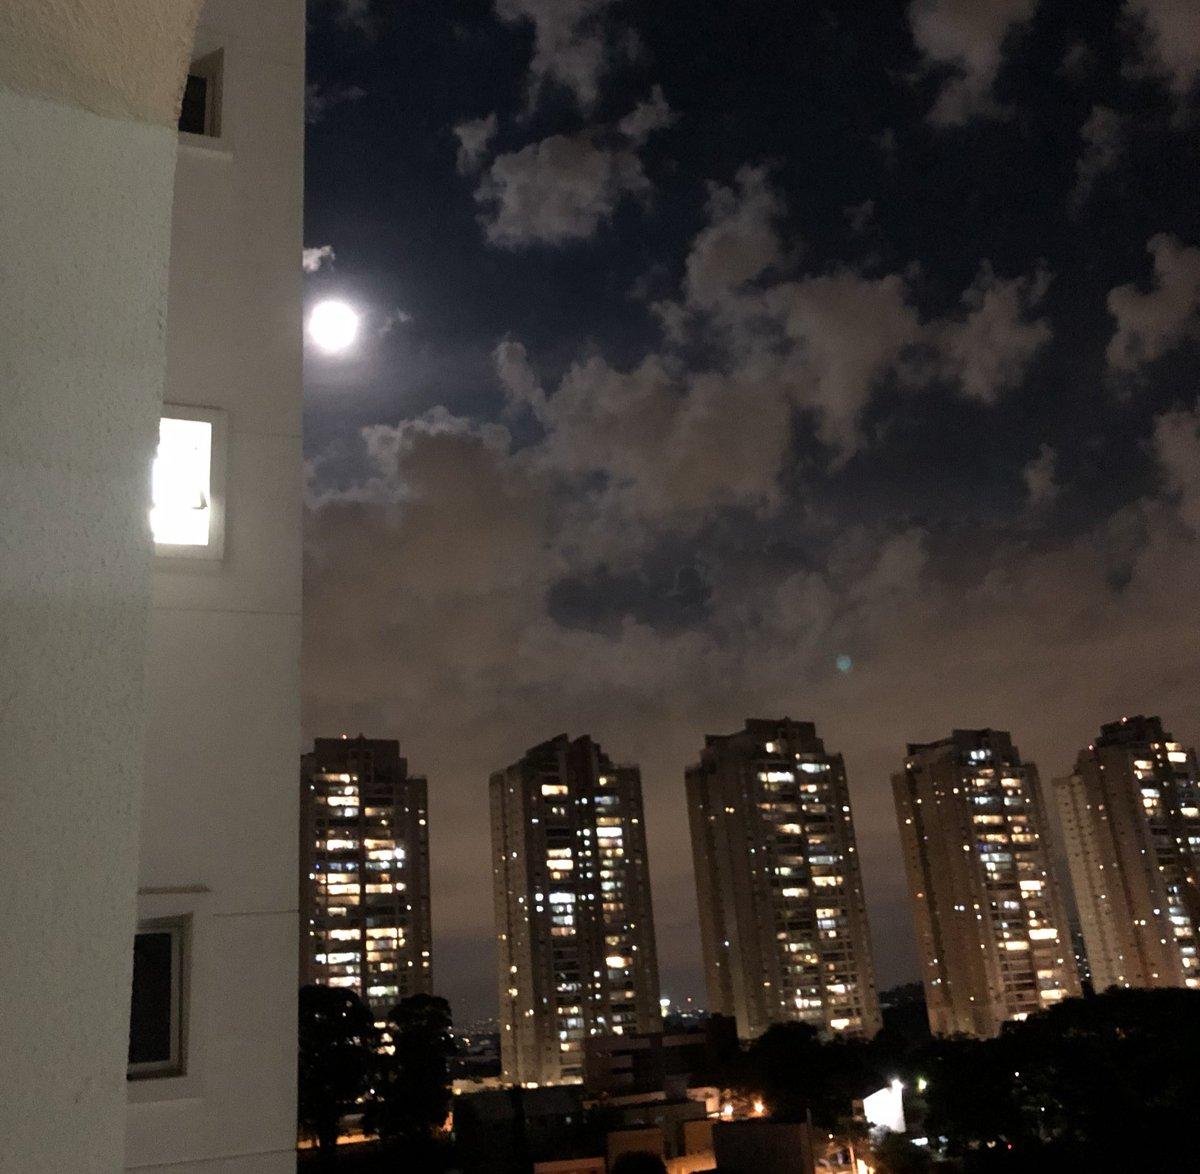 Eu sei que foto da lua é uma bosta, mas ela tá demais hoje. Um holofote no céu.